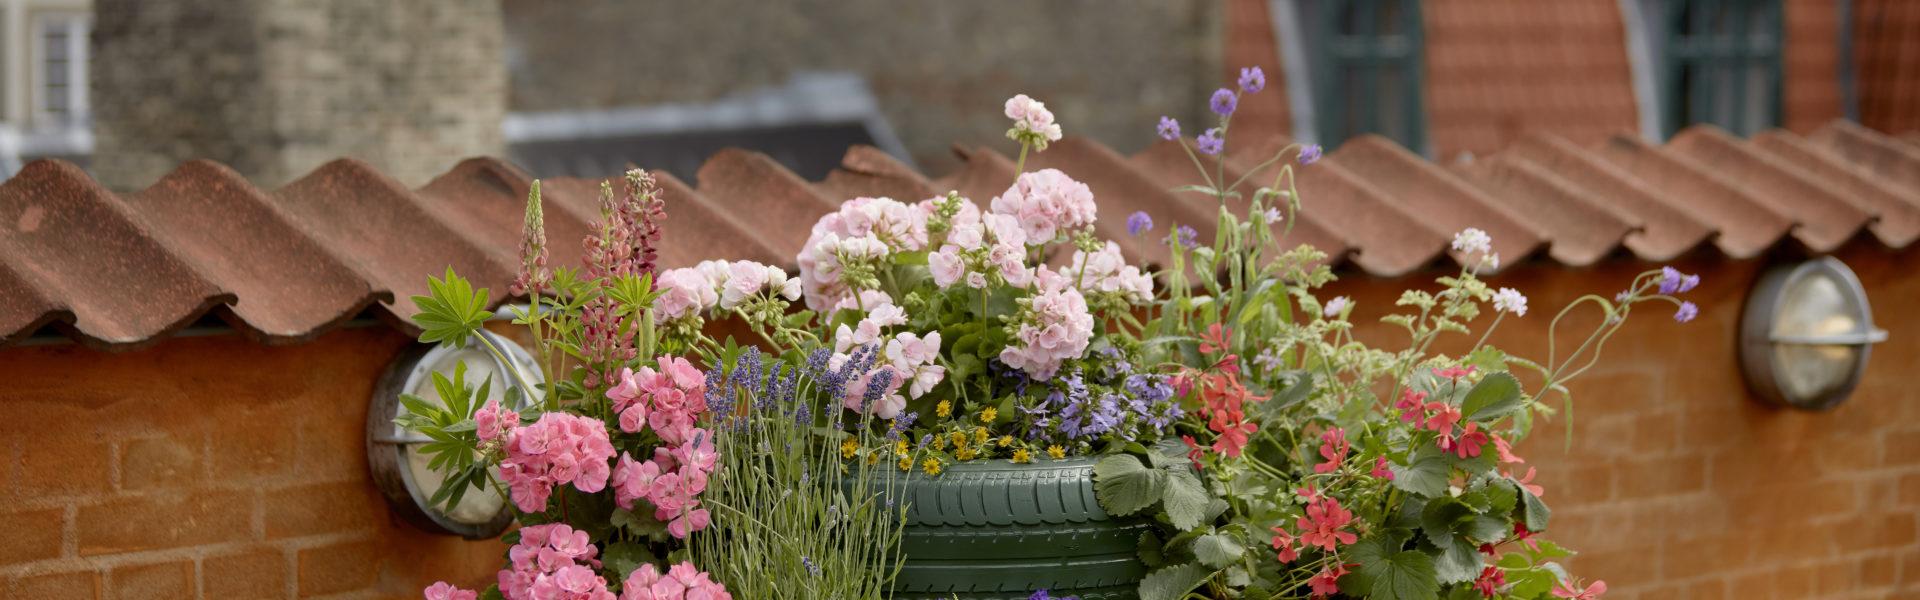 Plante i byen – tips og triks for en vakker bybalkong